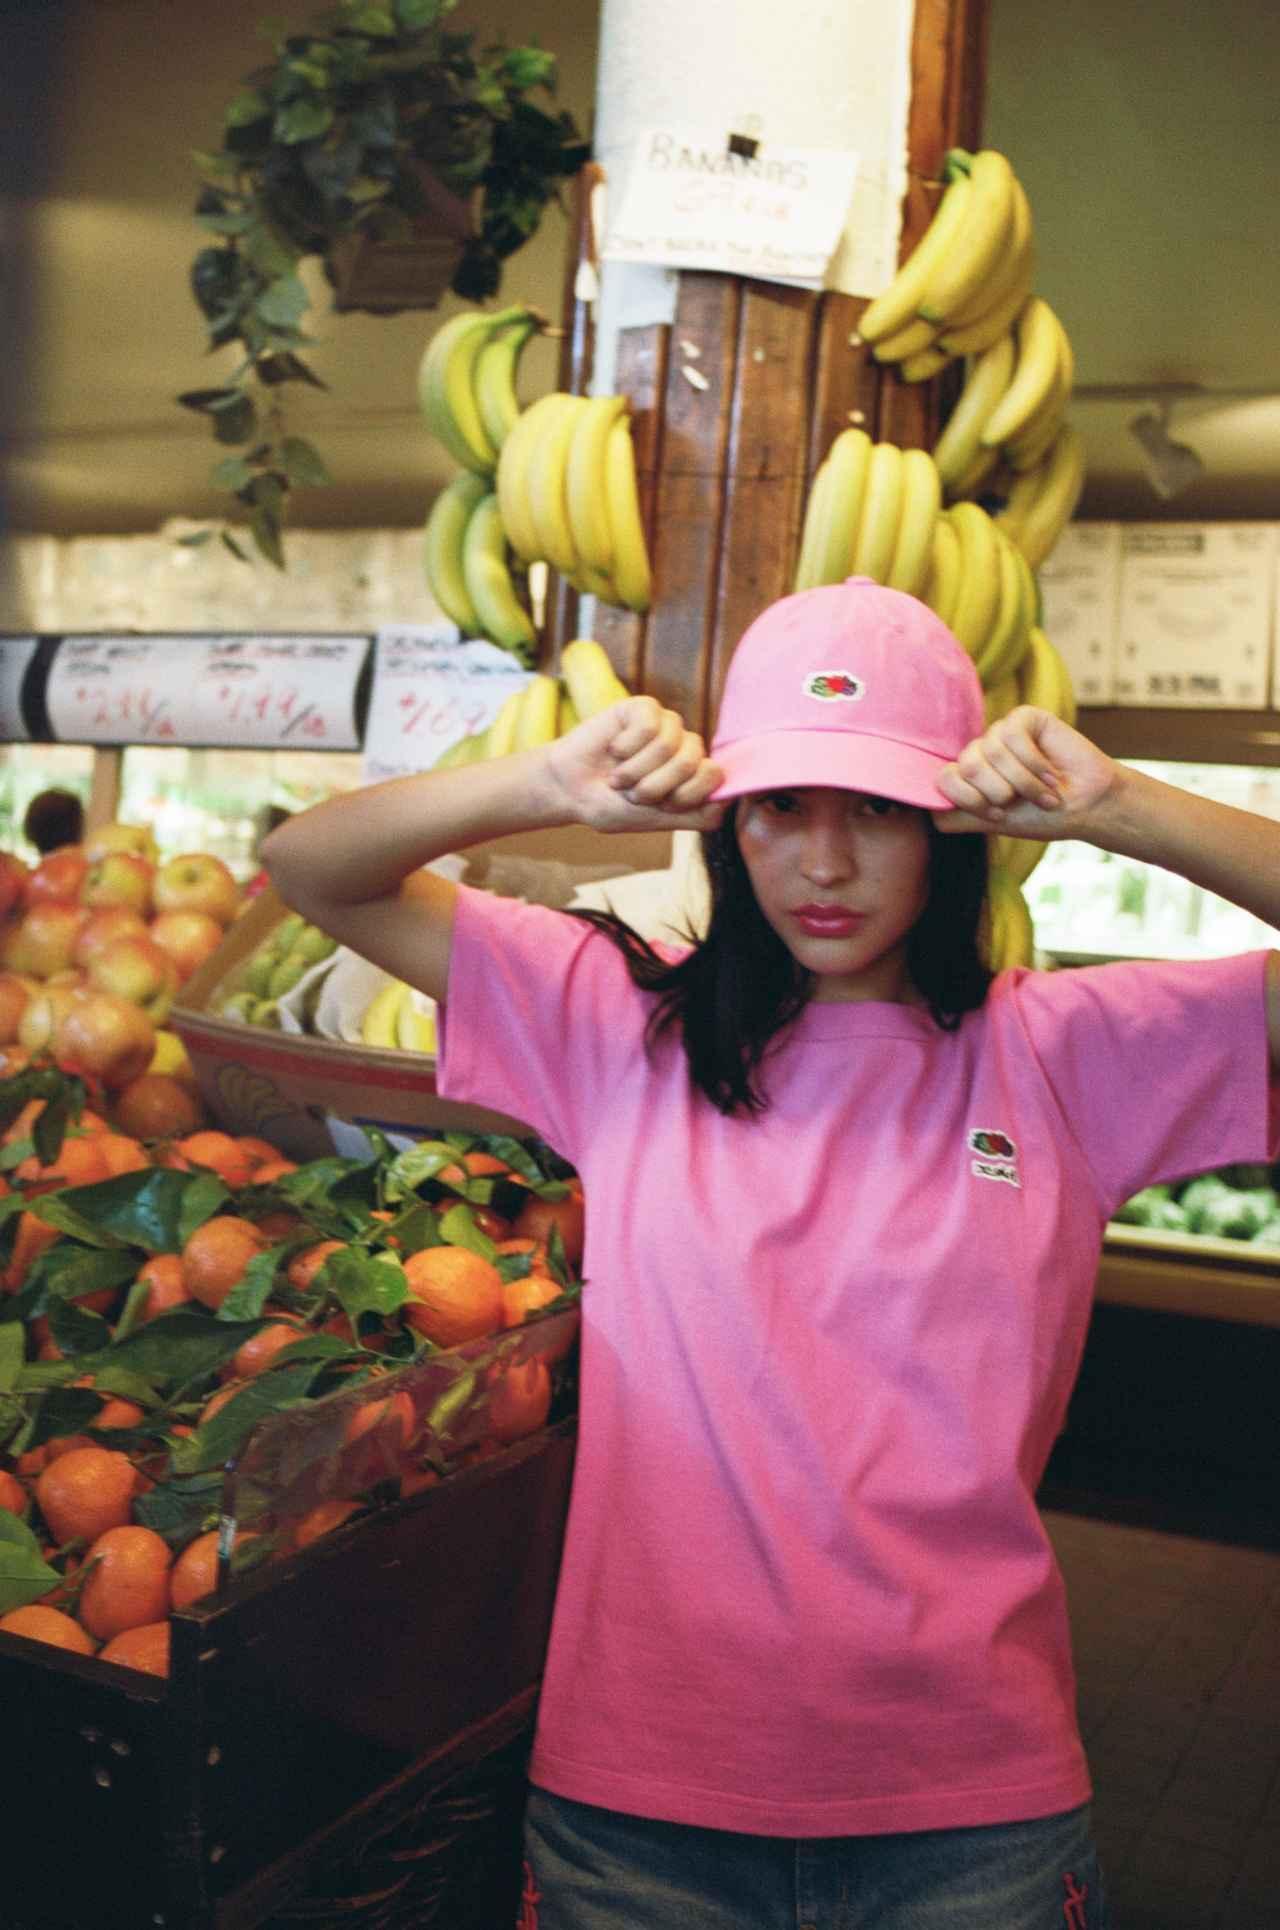 画像3: X-girl × Fruit of the Loom、初となるコラボレーションコレクションをリリース